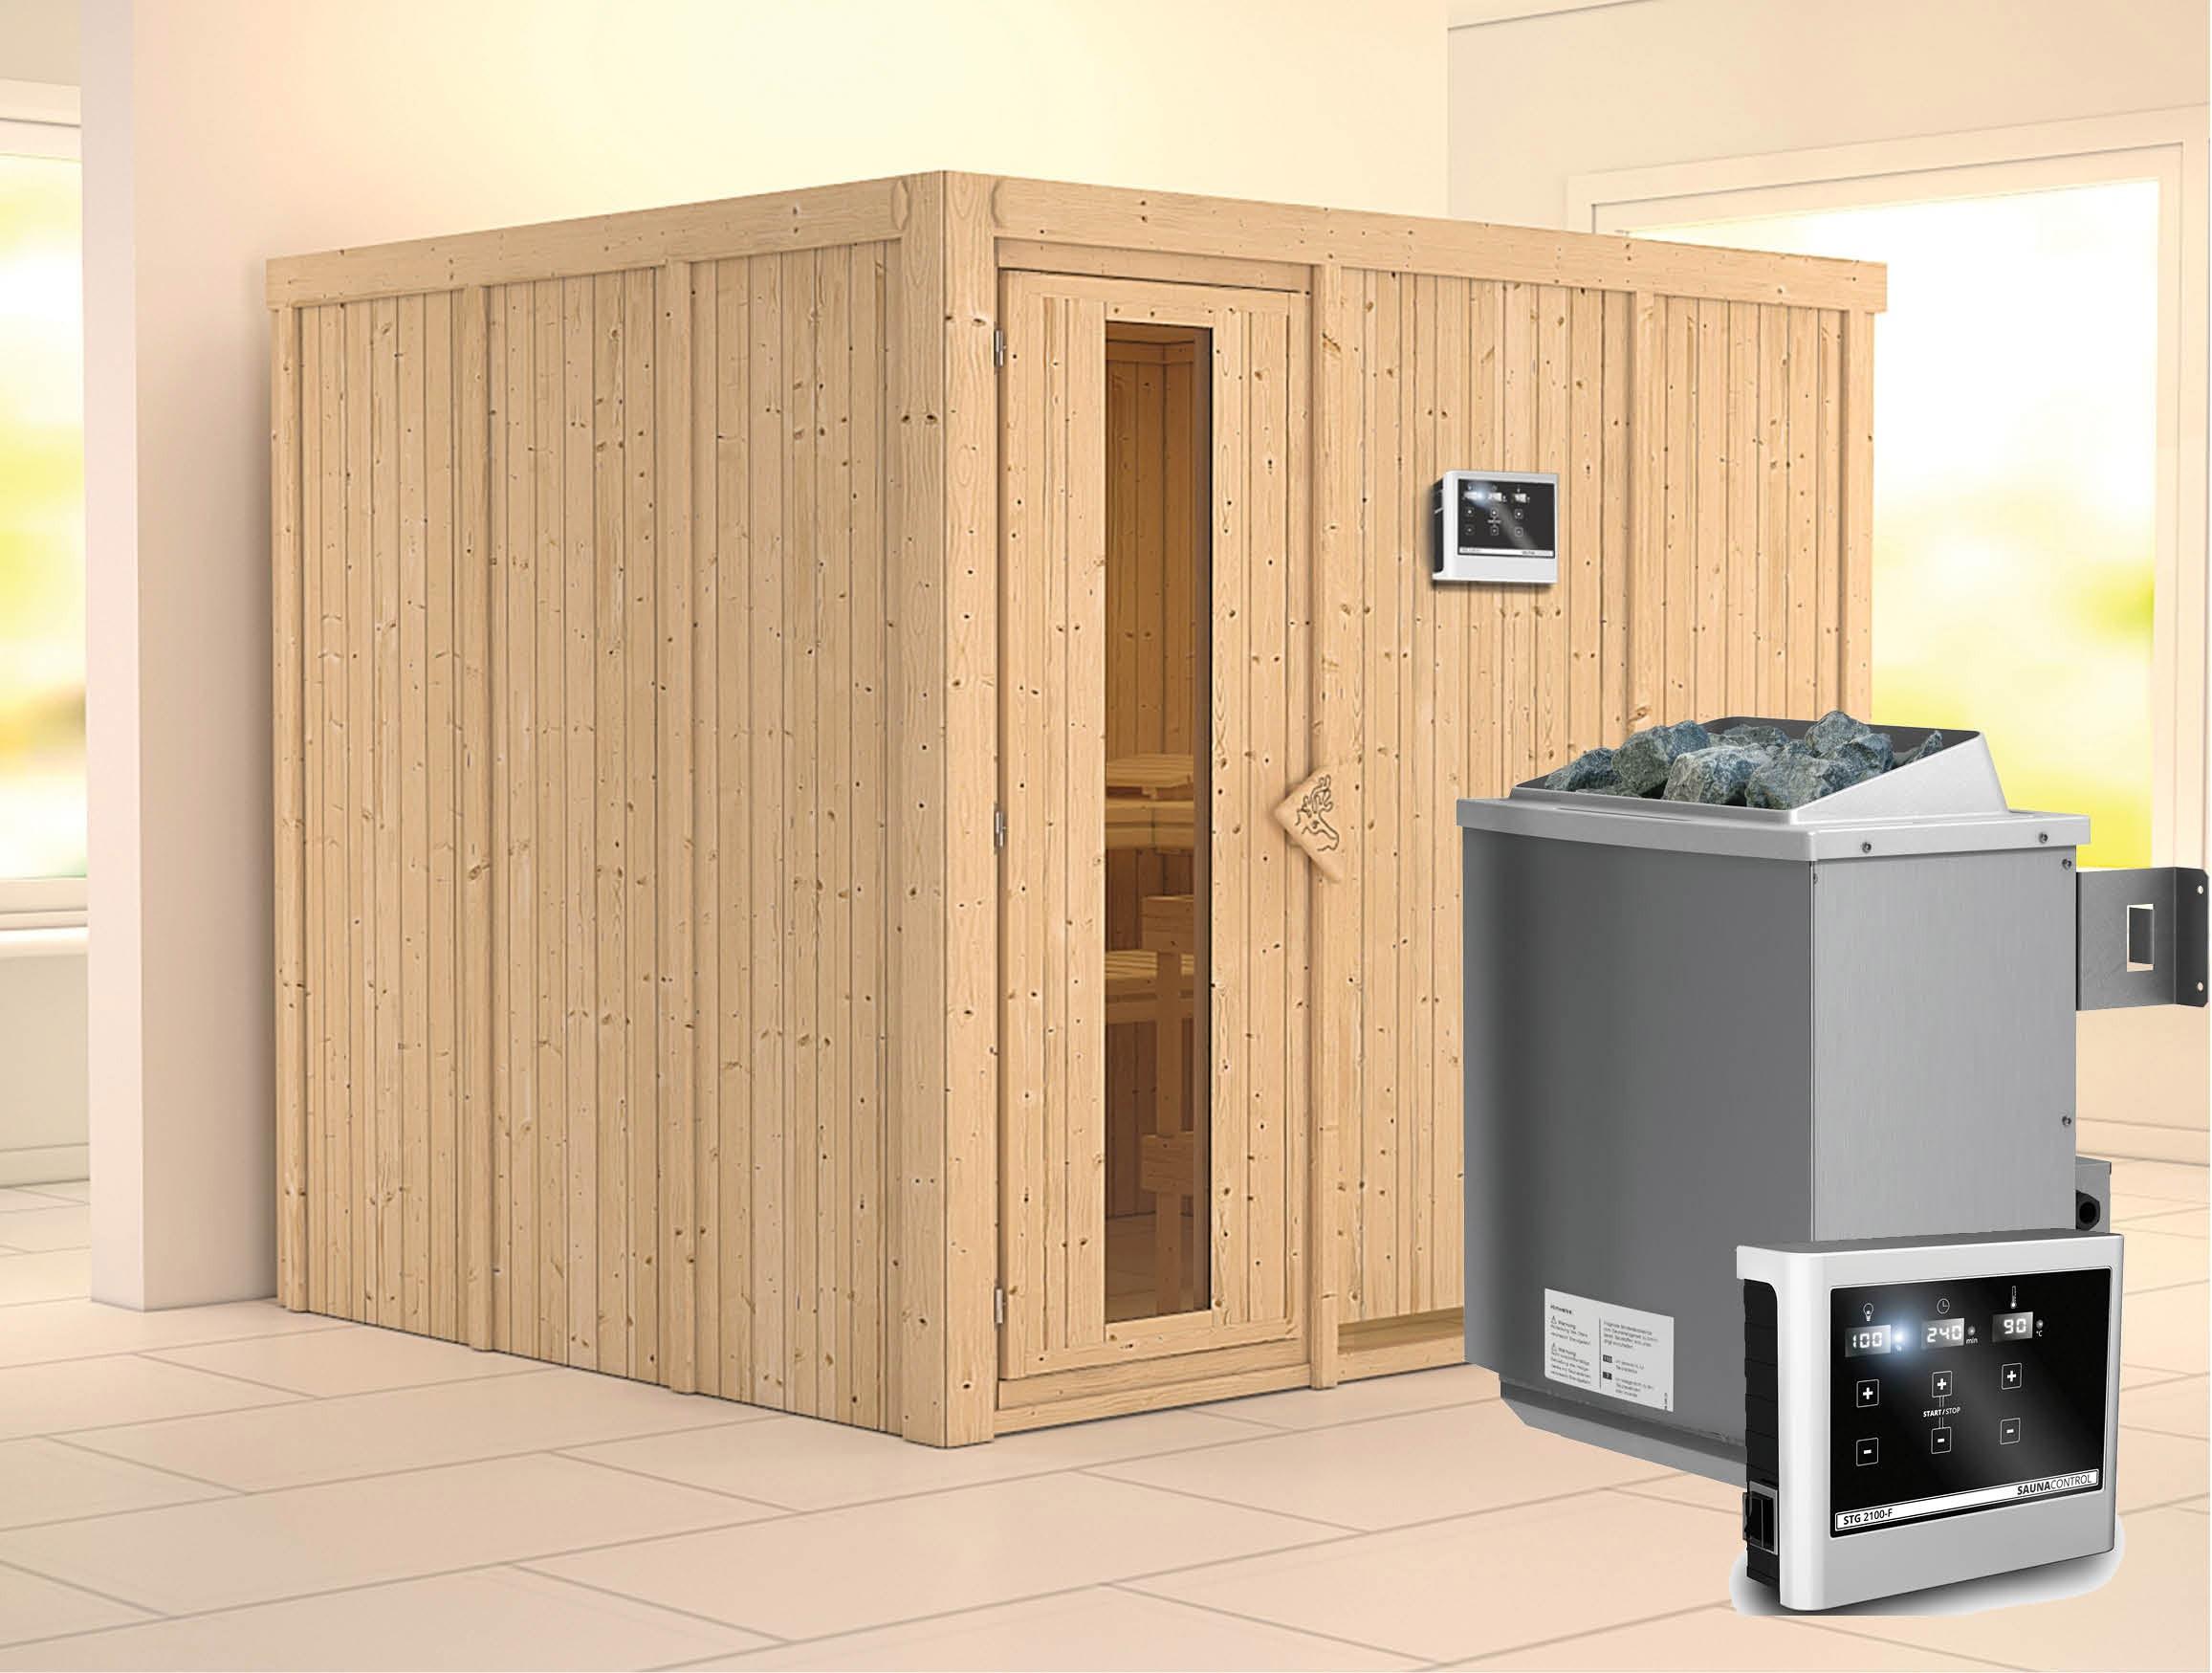 Karibu Sauna Gobin 68mm mit Ofen 9kW extern Holztür Bild 1